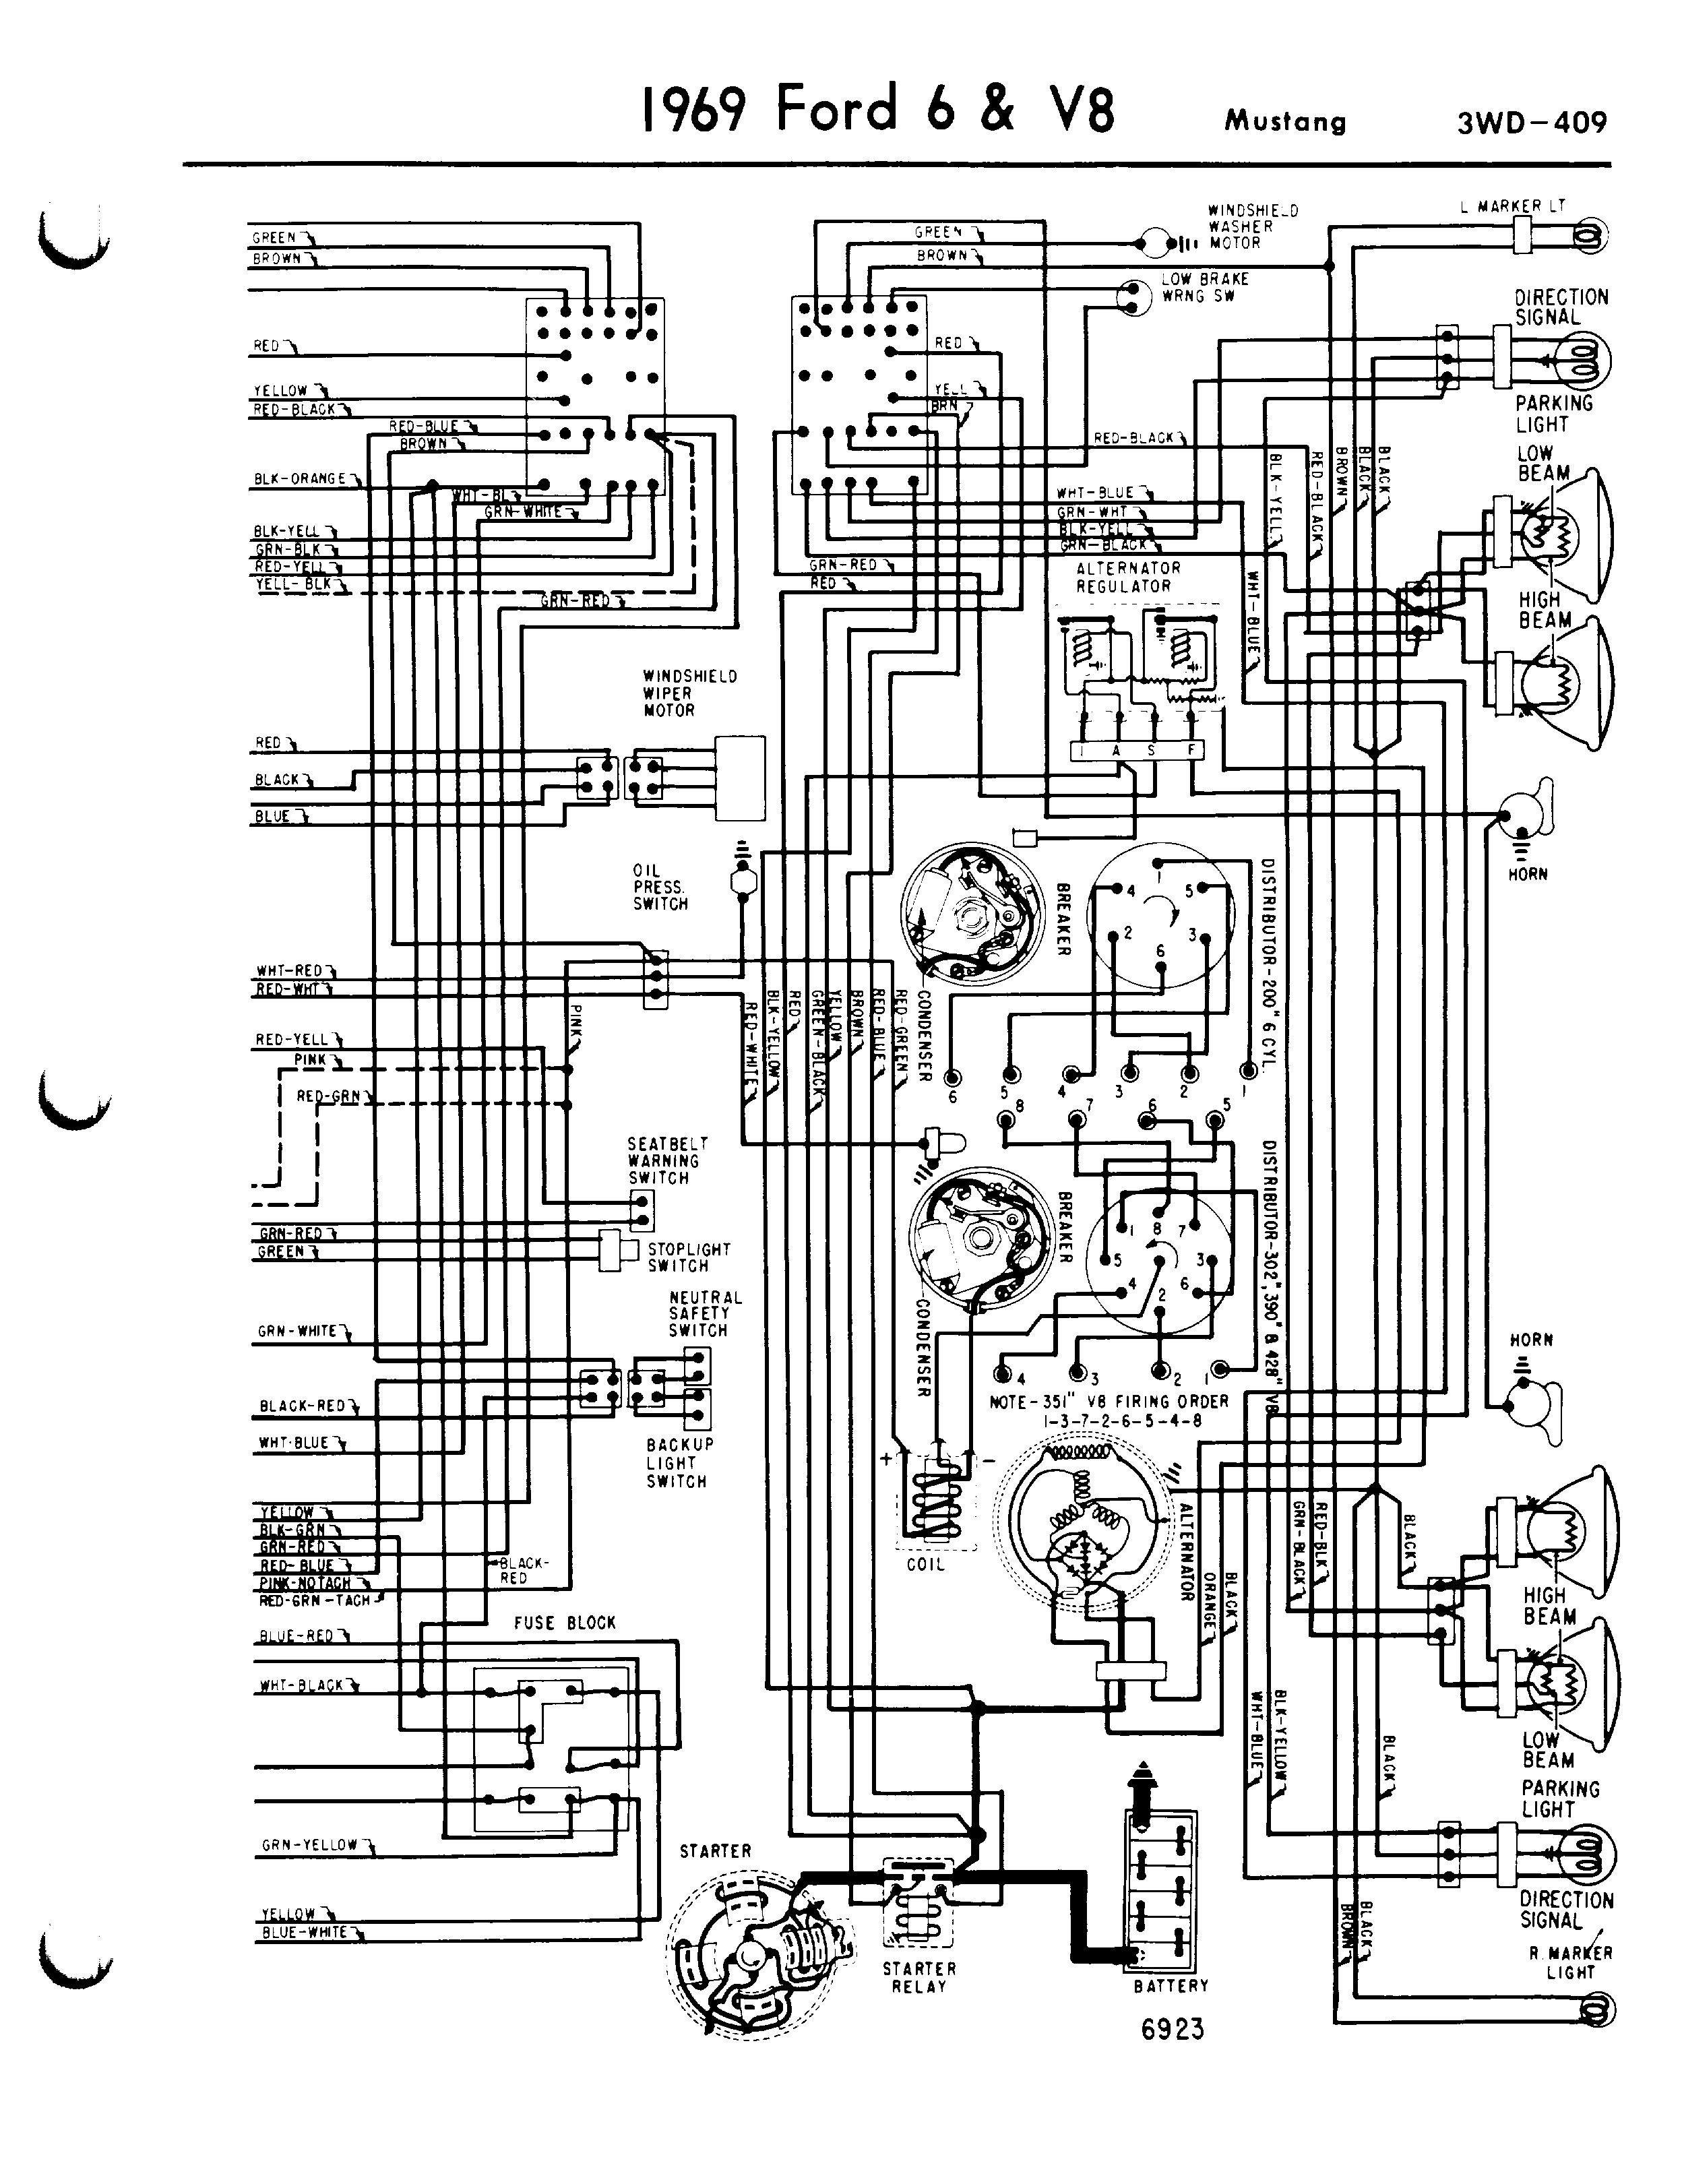 Pin on wiring diagram